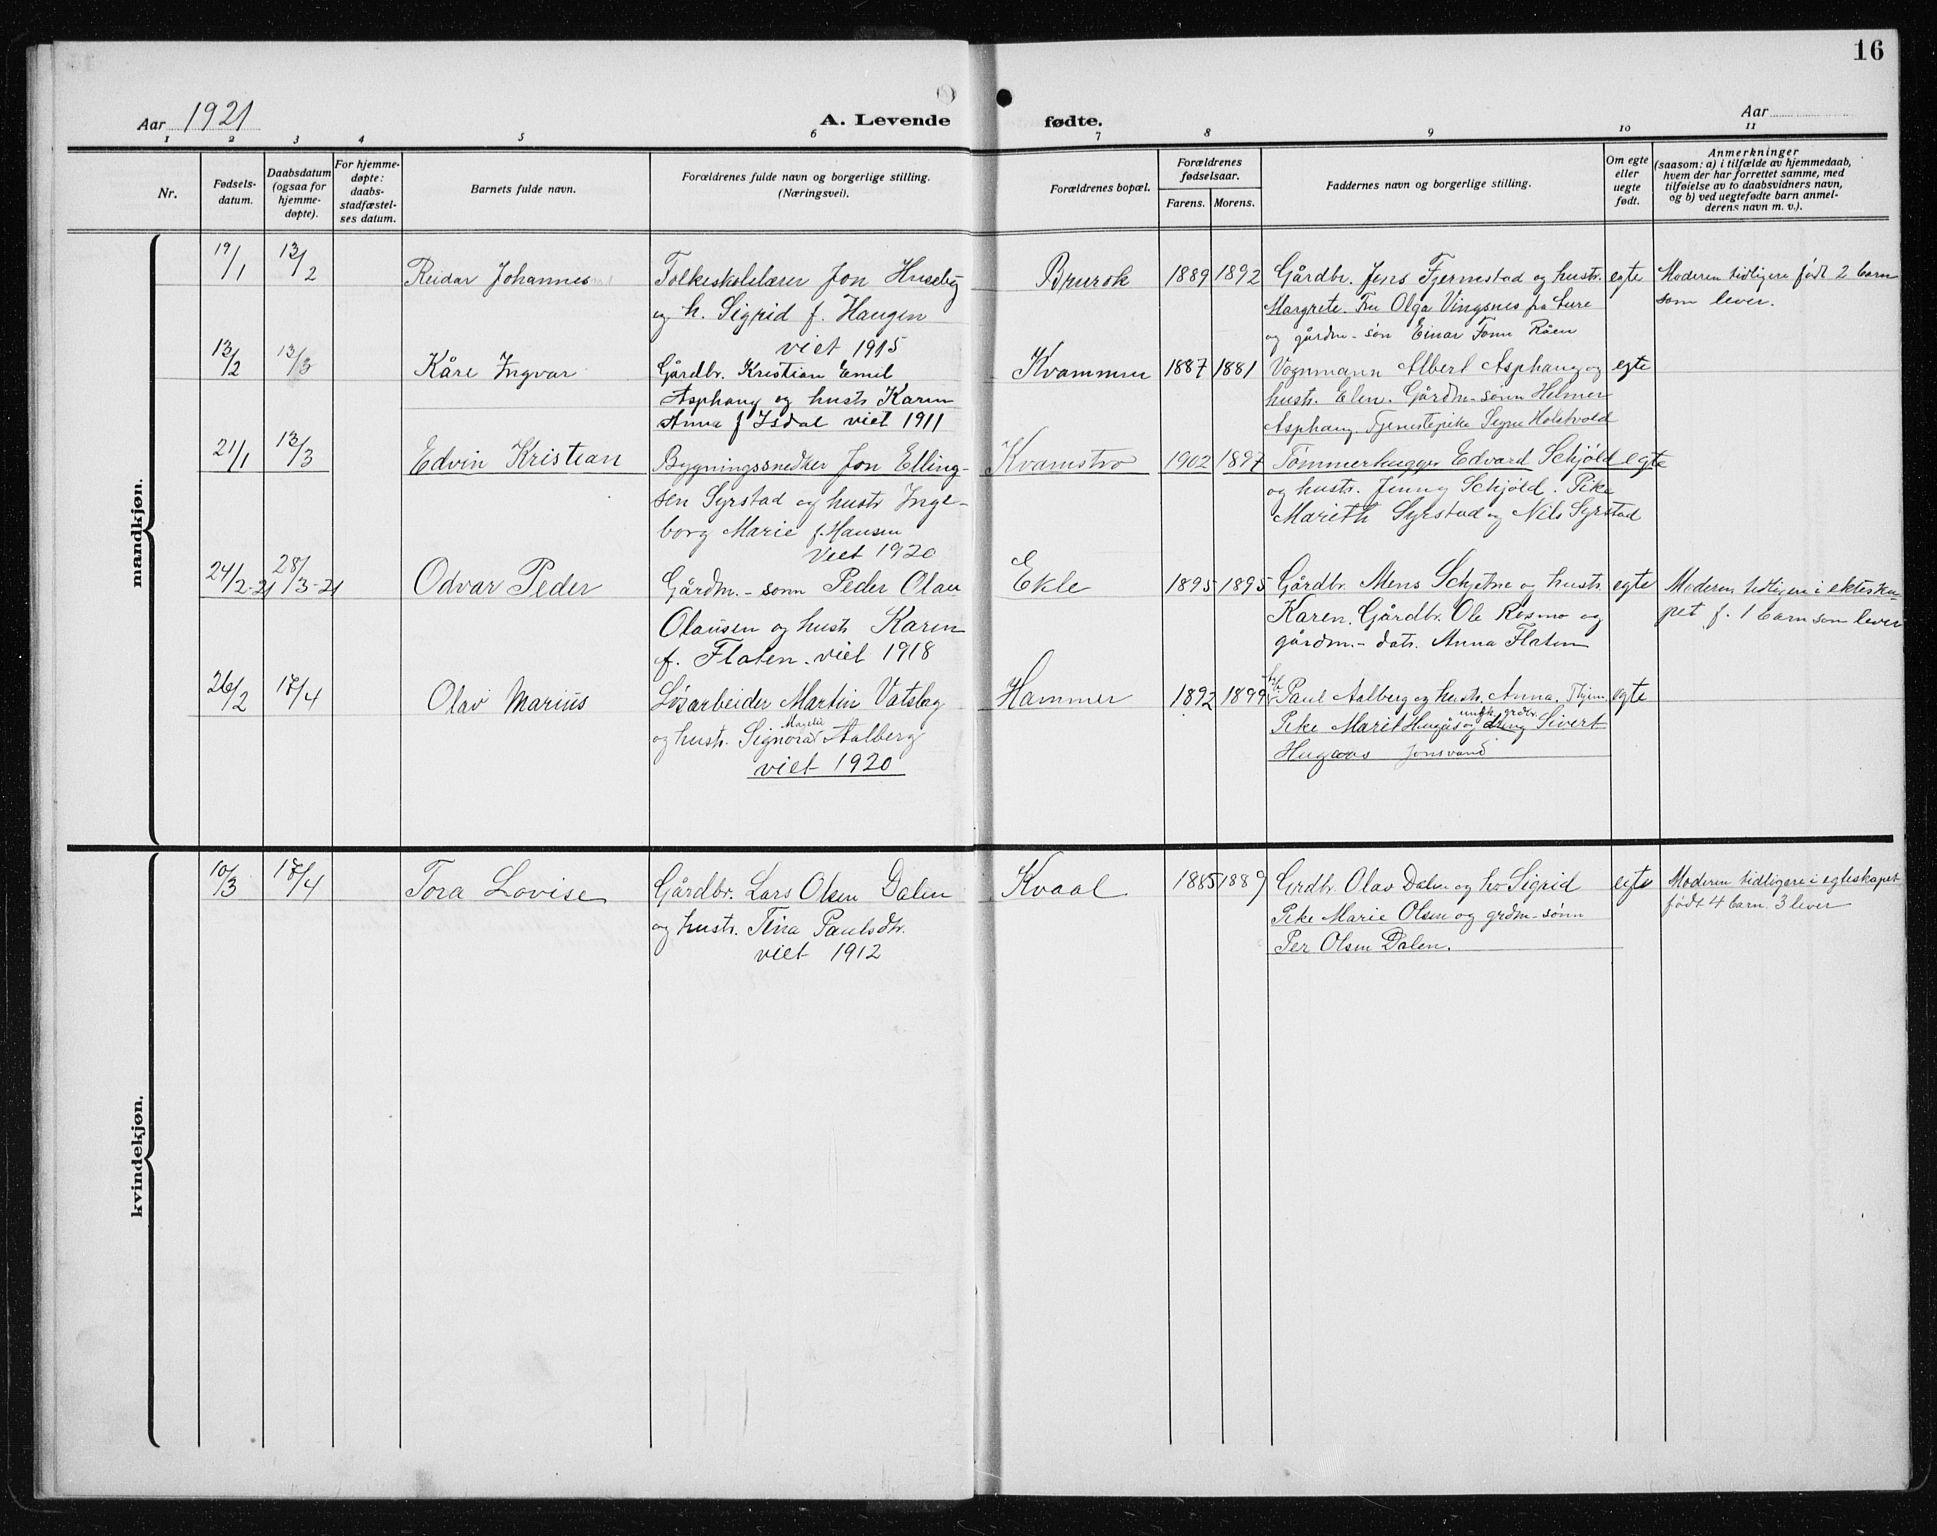 SAT, Ministerialprotokoller, klokkerbøker og fødselsregistre - Sør-Trøndelag, 608/L0342: Klokkerbok nr. 608C08, 1912-1938, s. 16